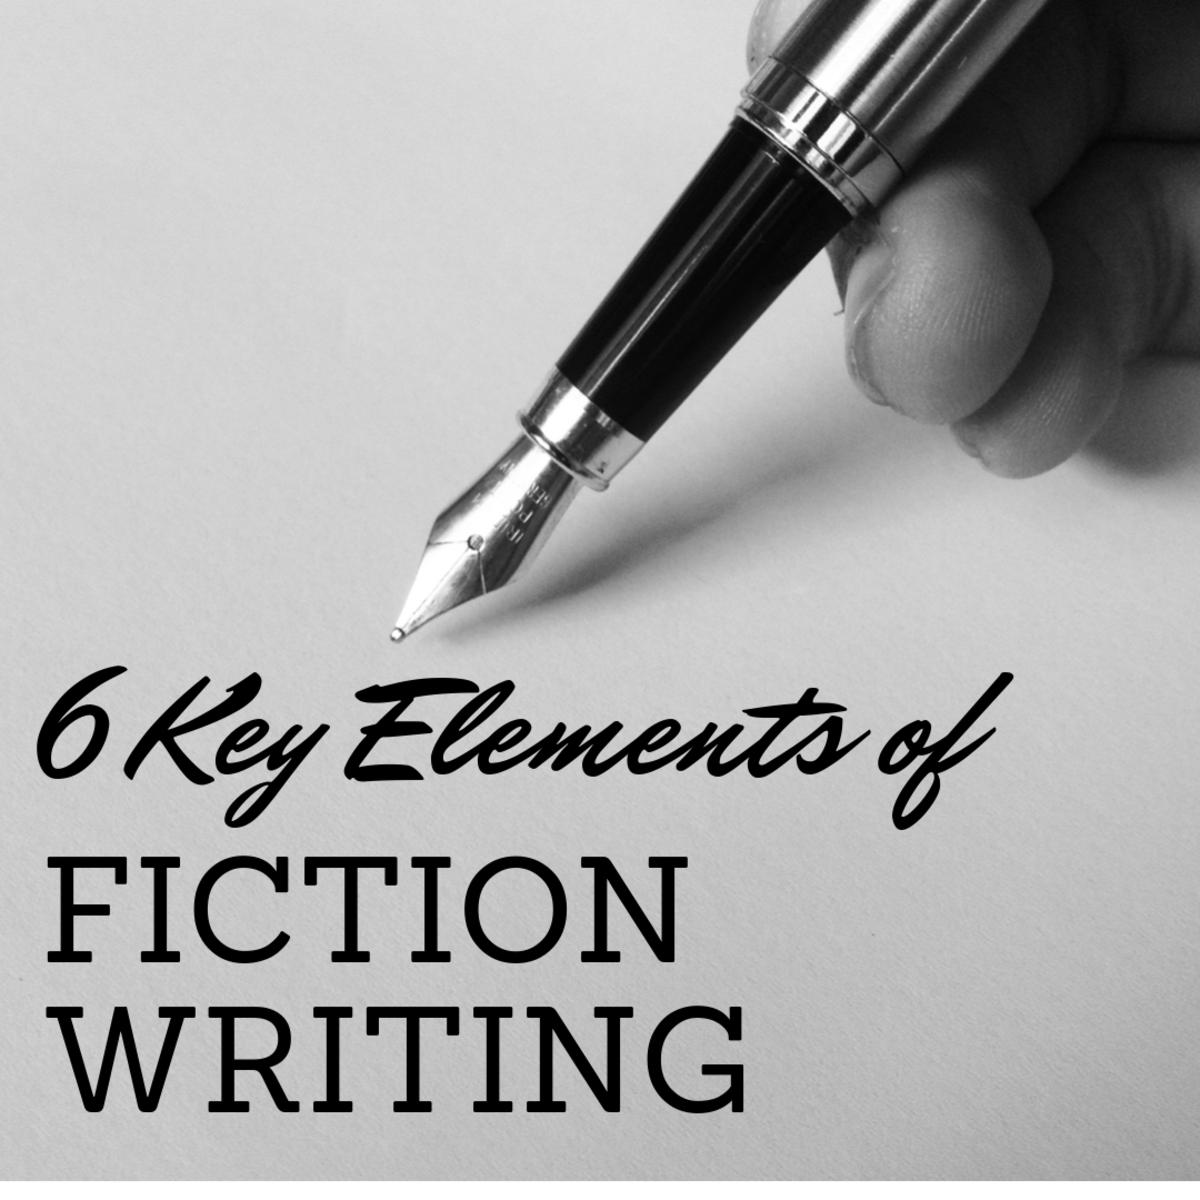 The 6 Basic Key Elements of Fiction Writing